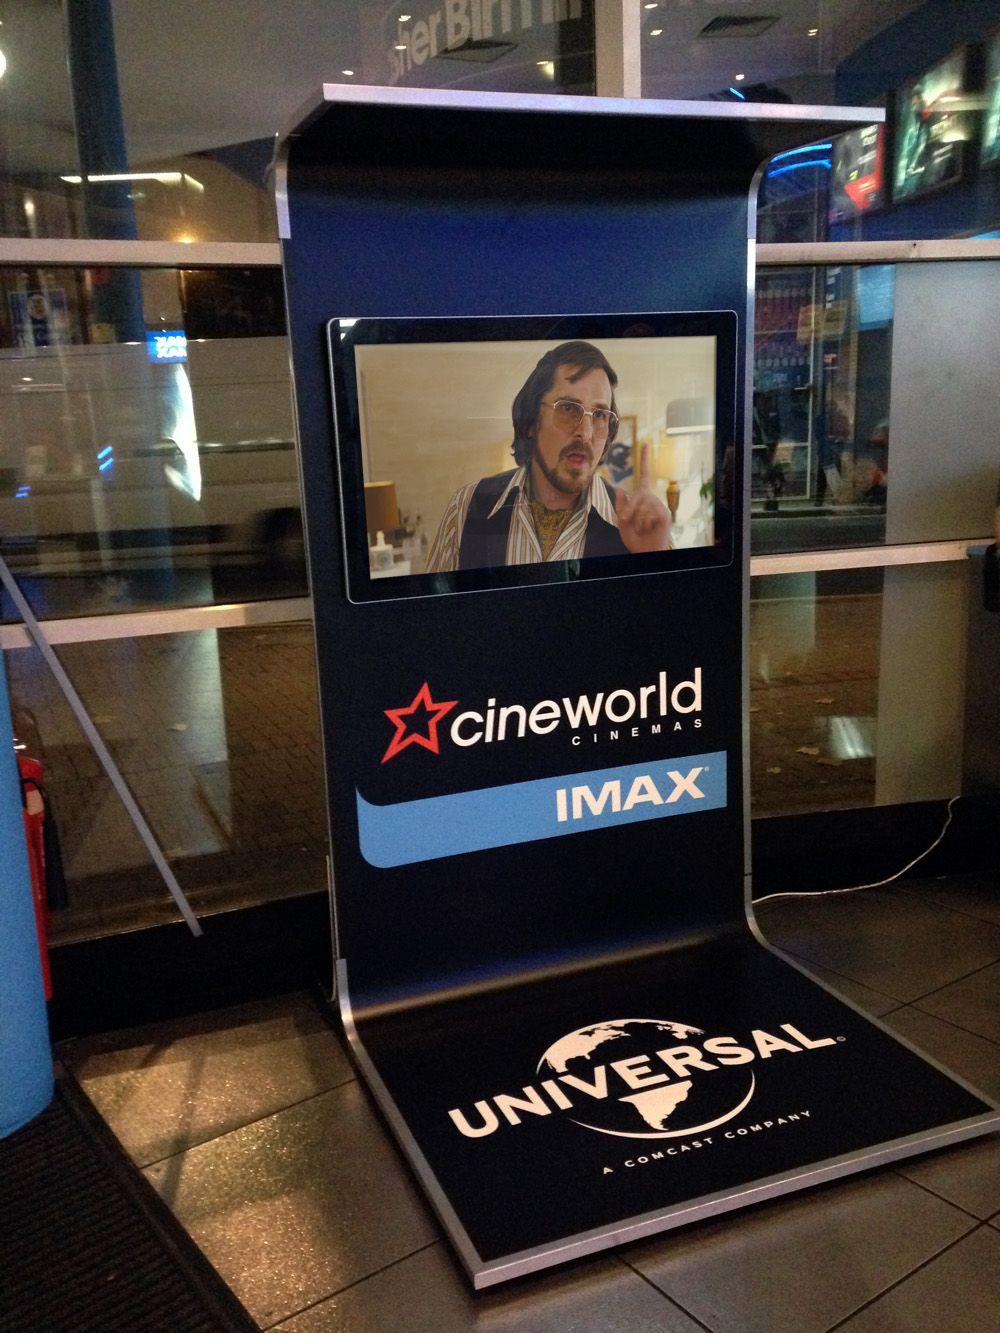 Cinema Cinema Poster Display Imax